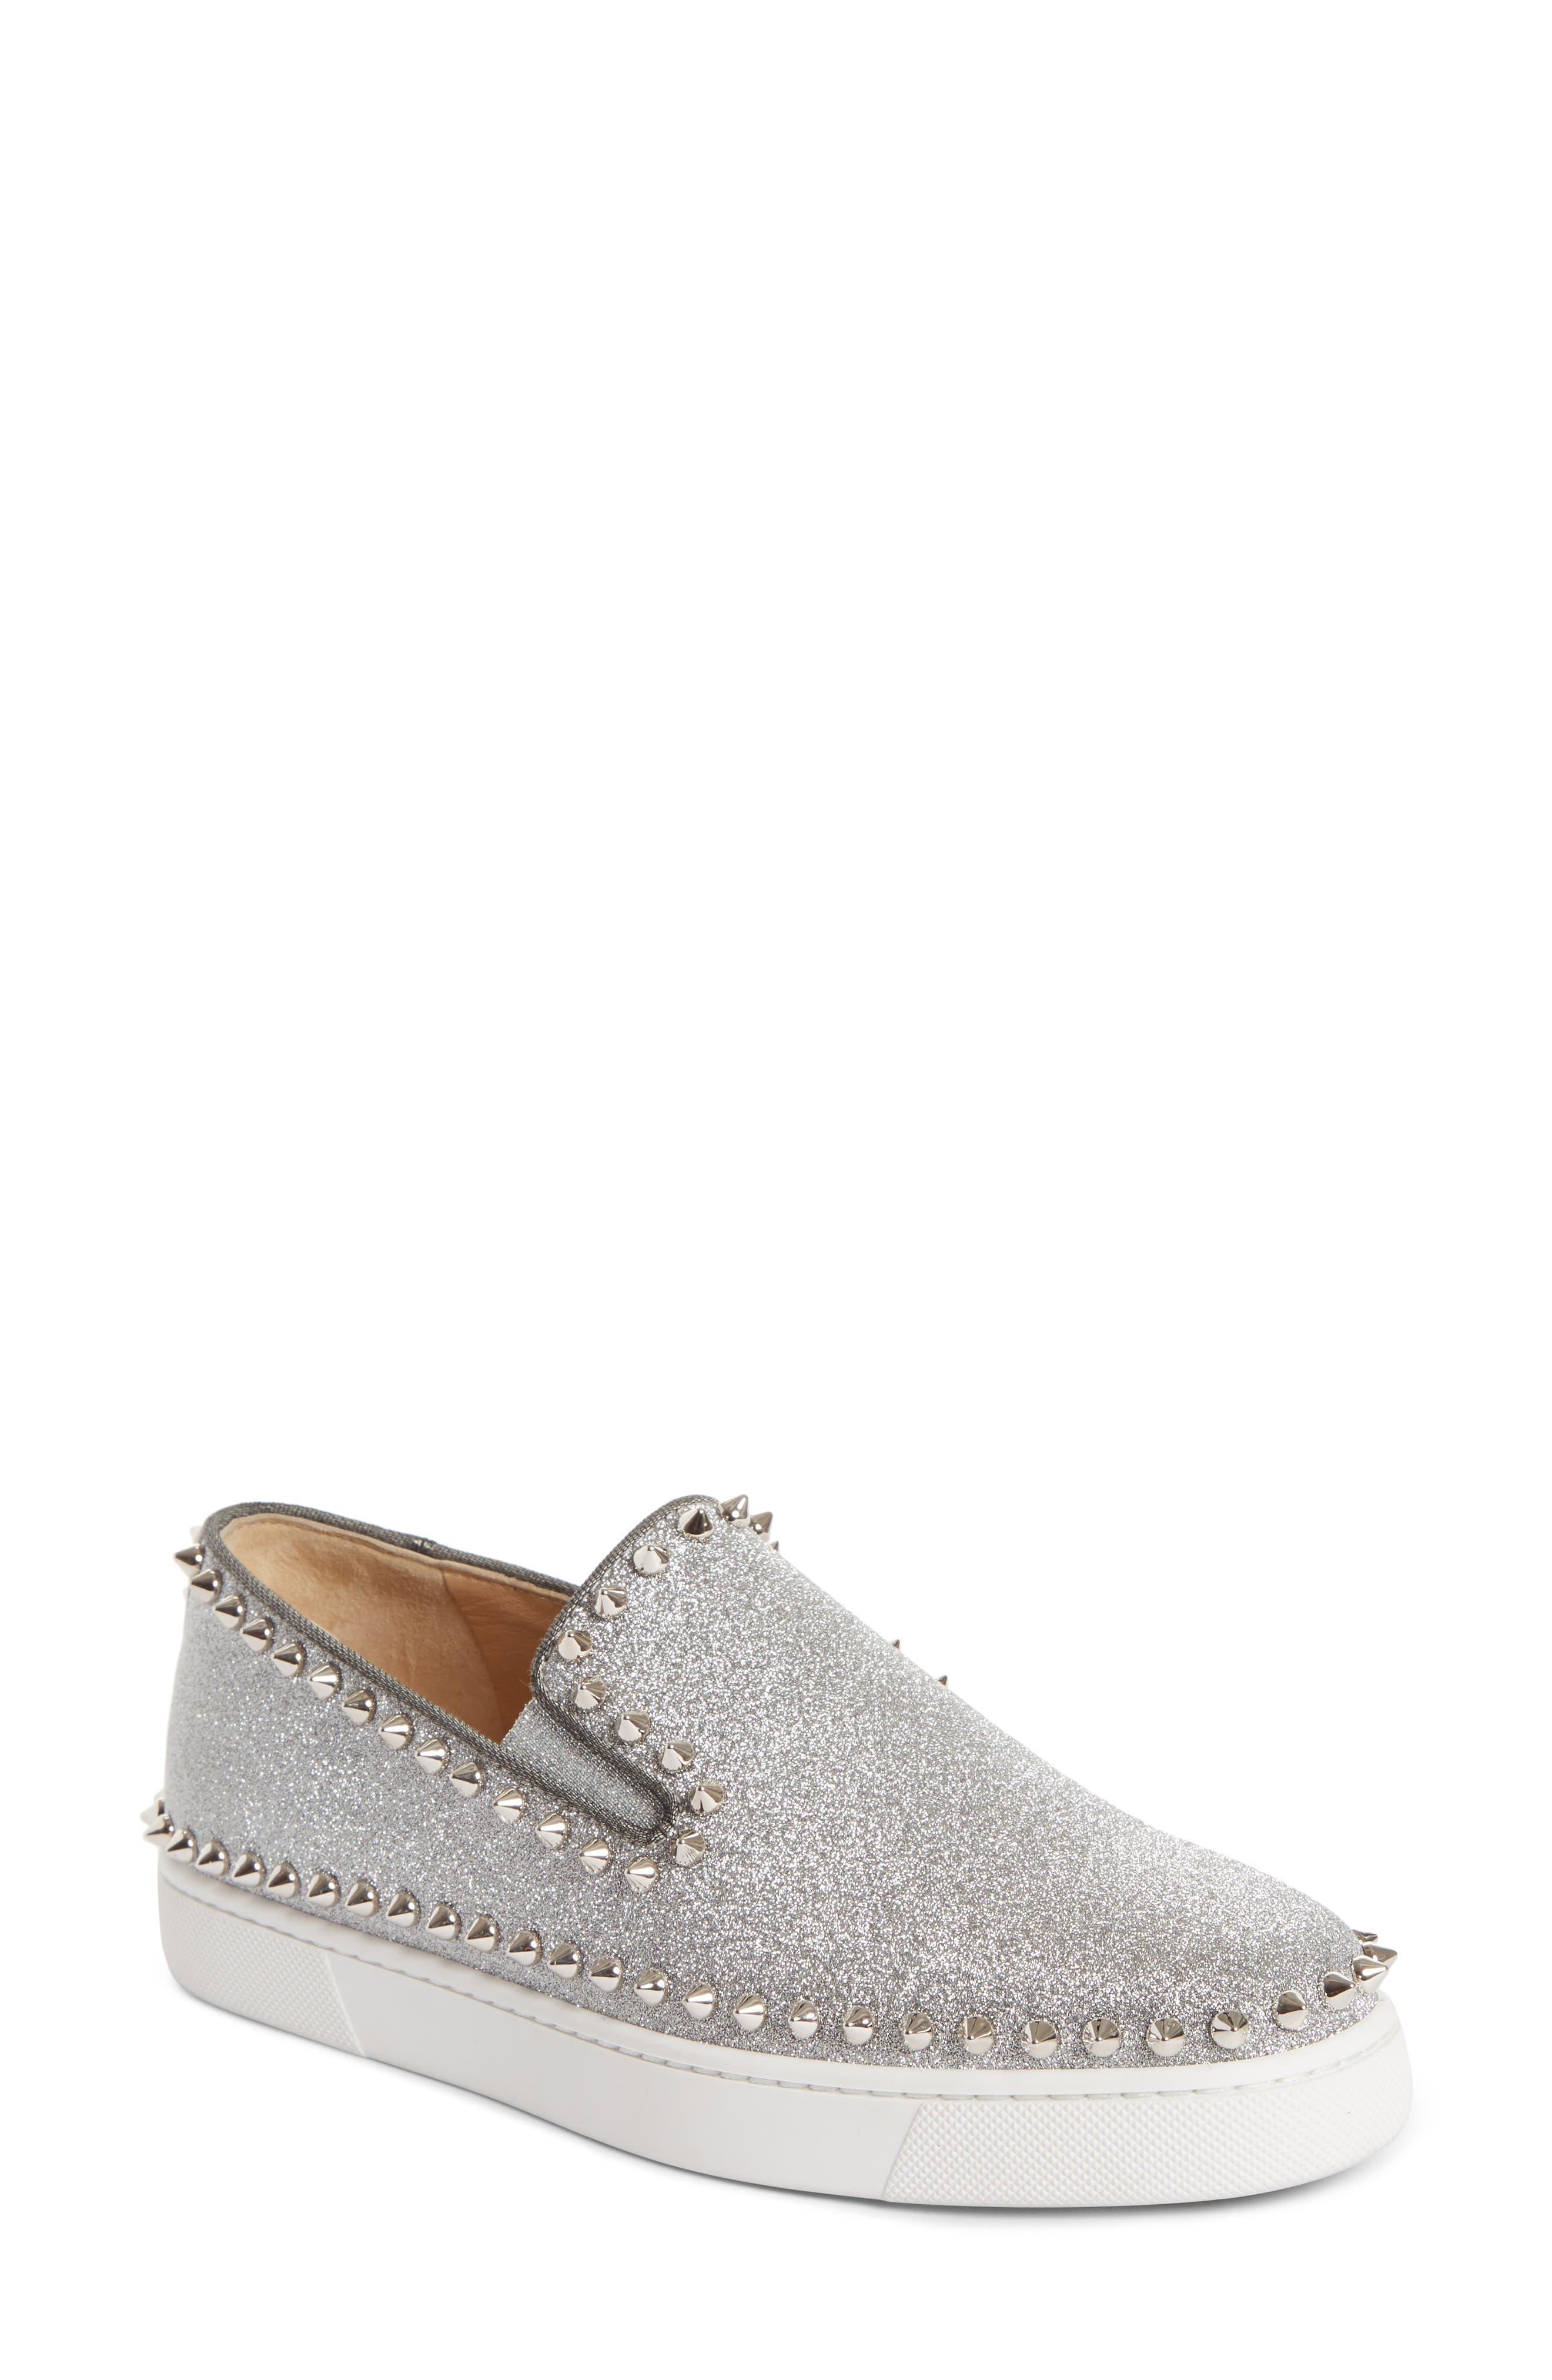 0b89fef7a2a Christian Louboutin Women s Flat Shoes